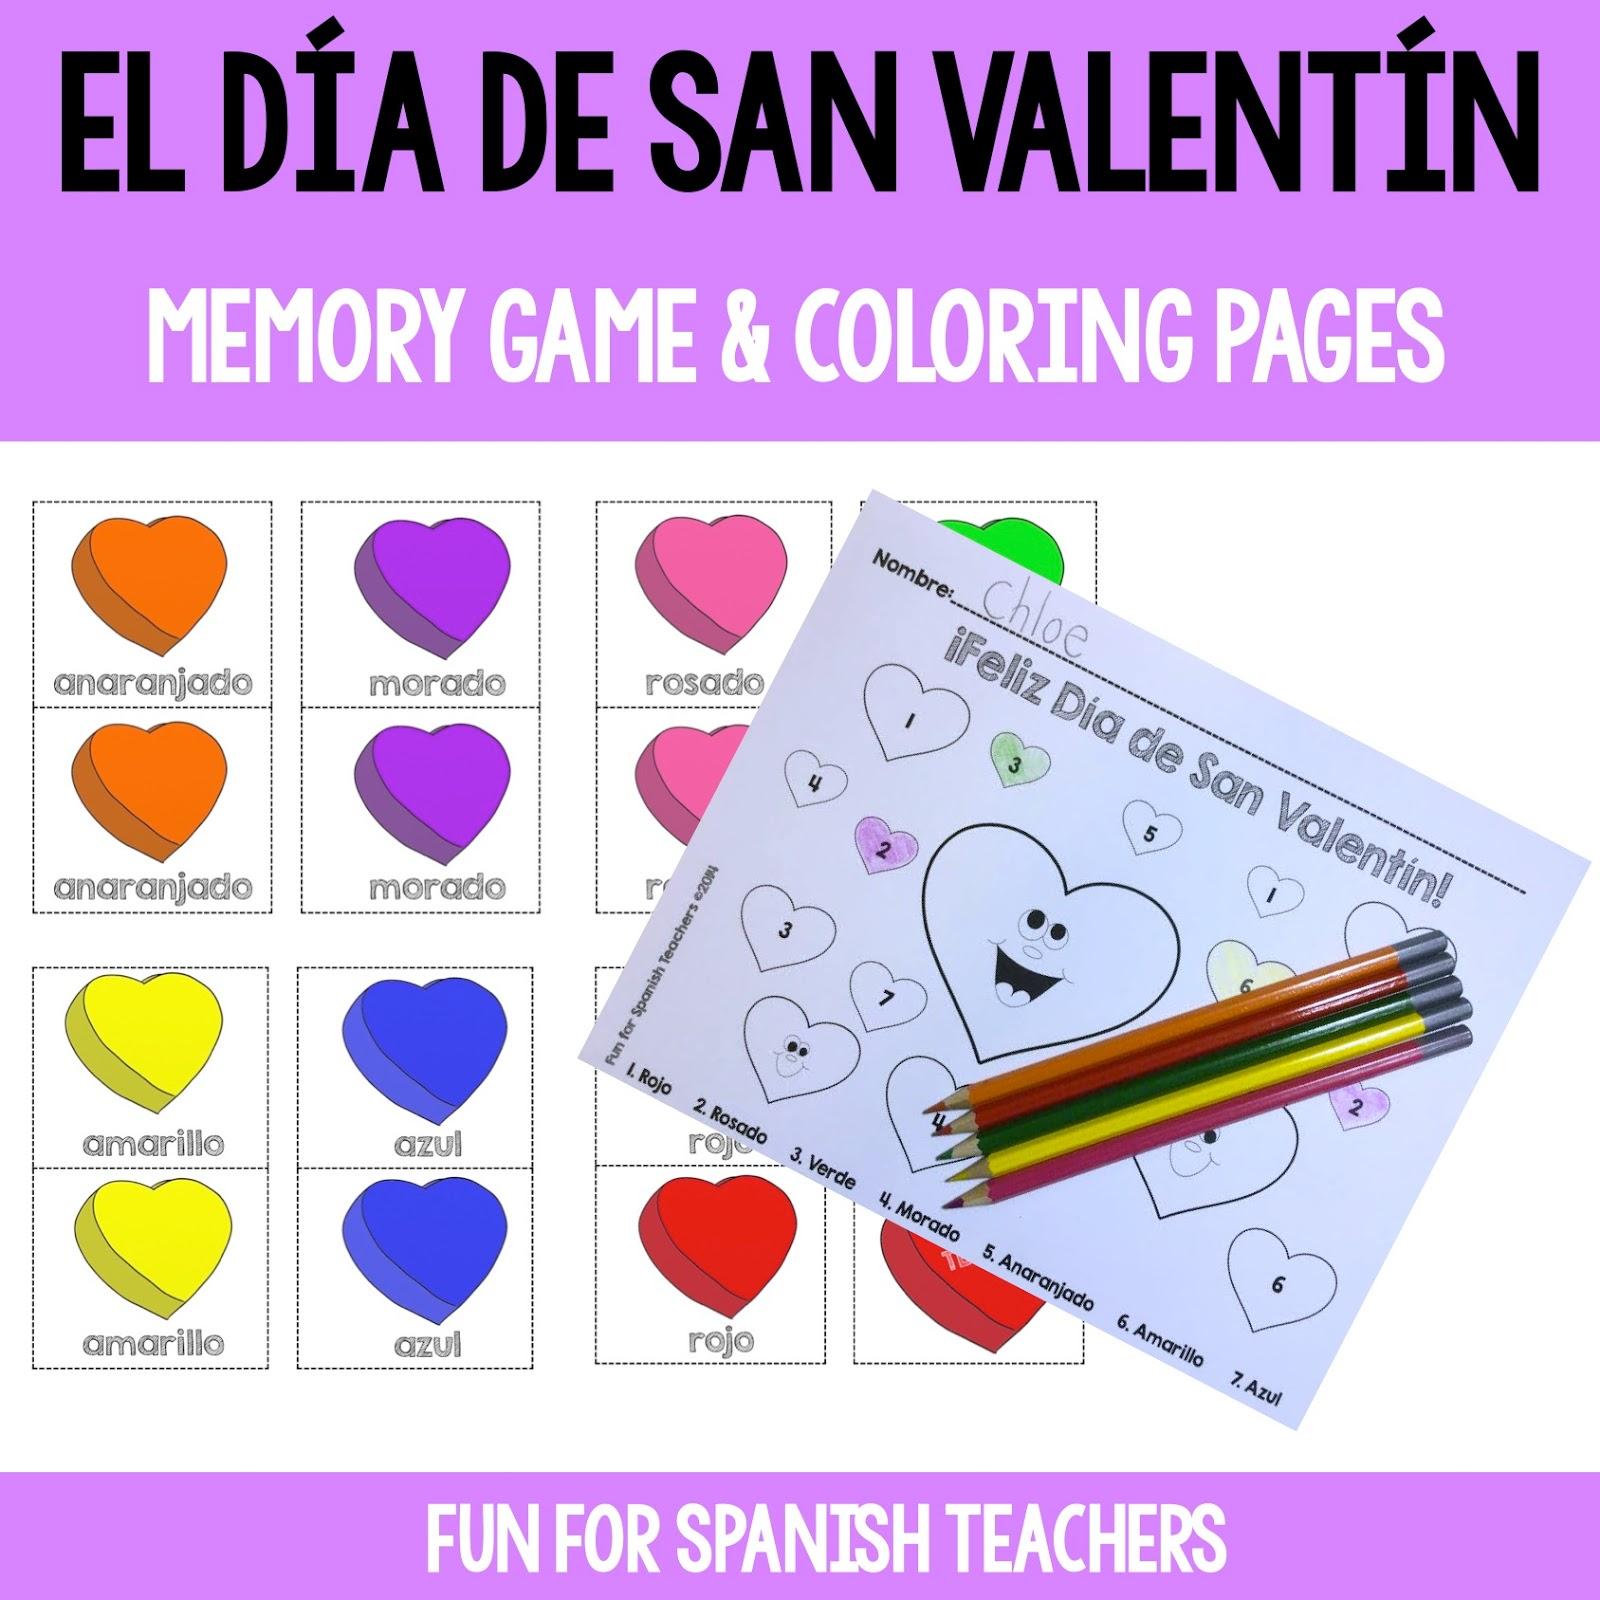 Games In Spanish Archives Funforspanishteachers